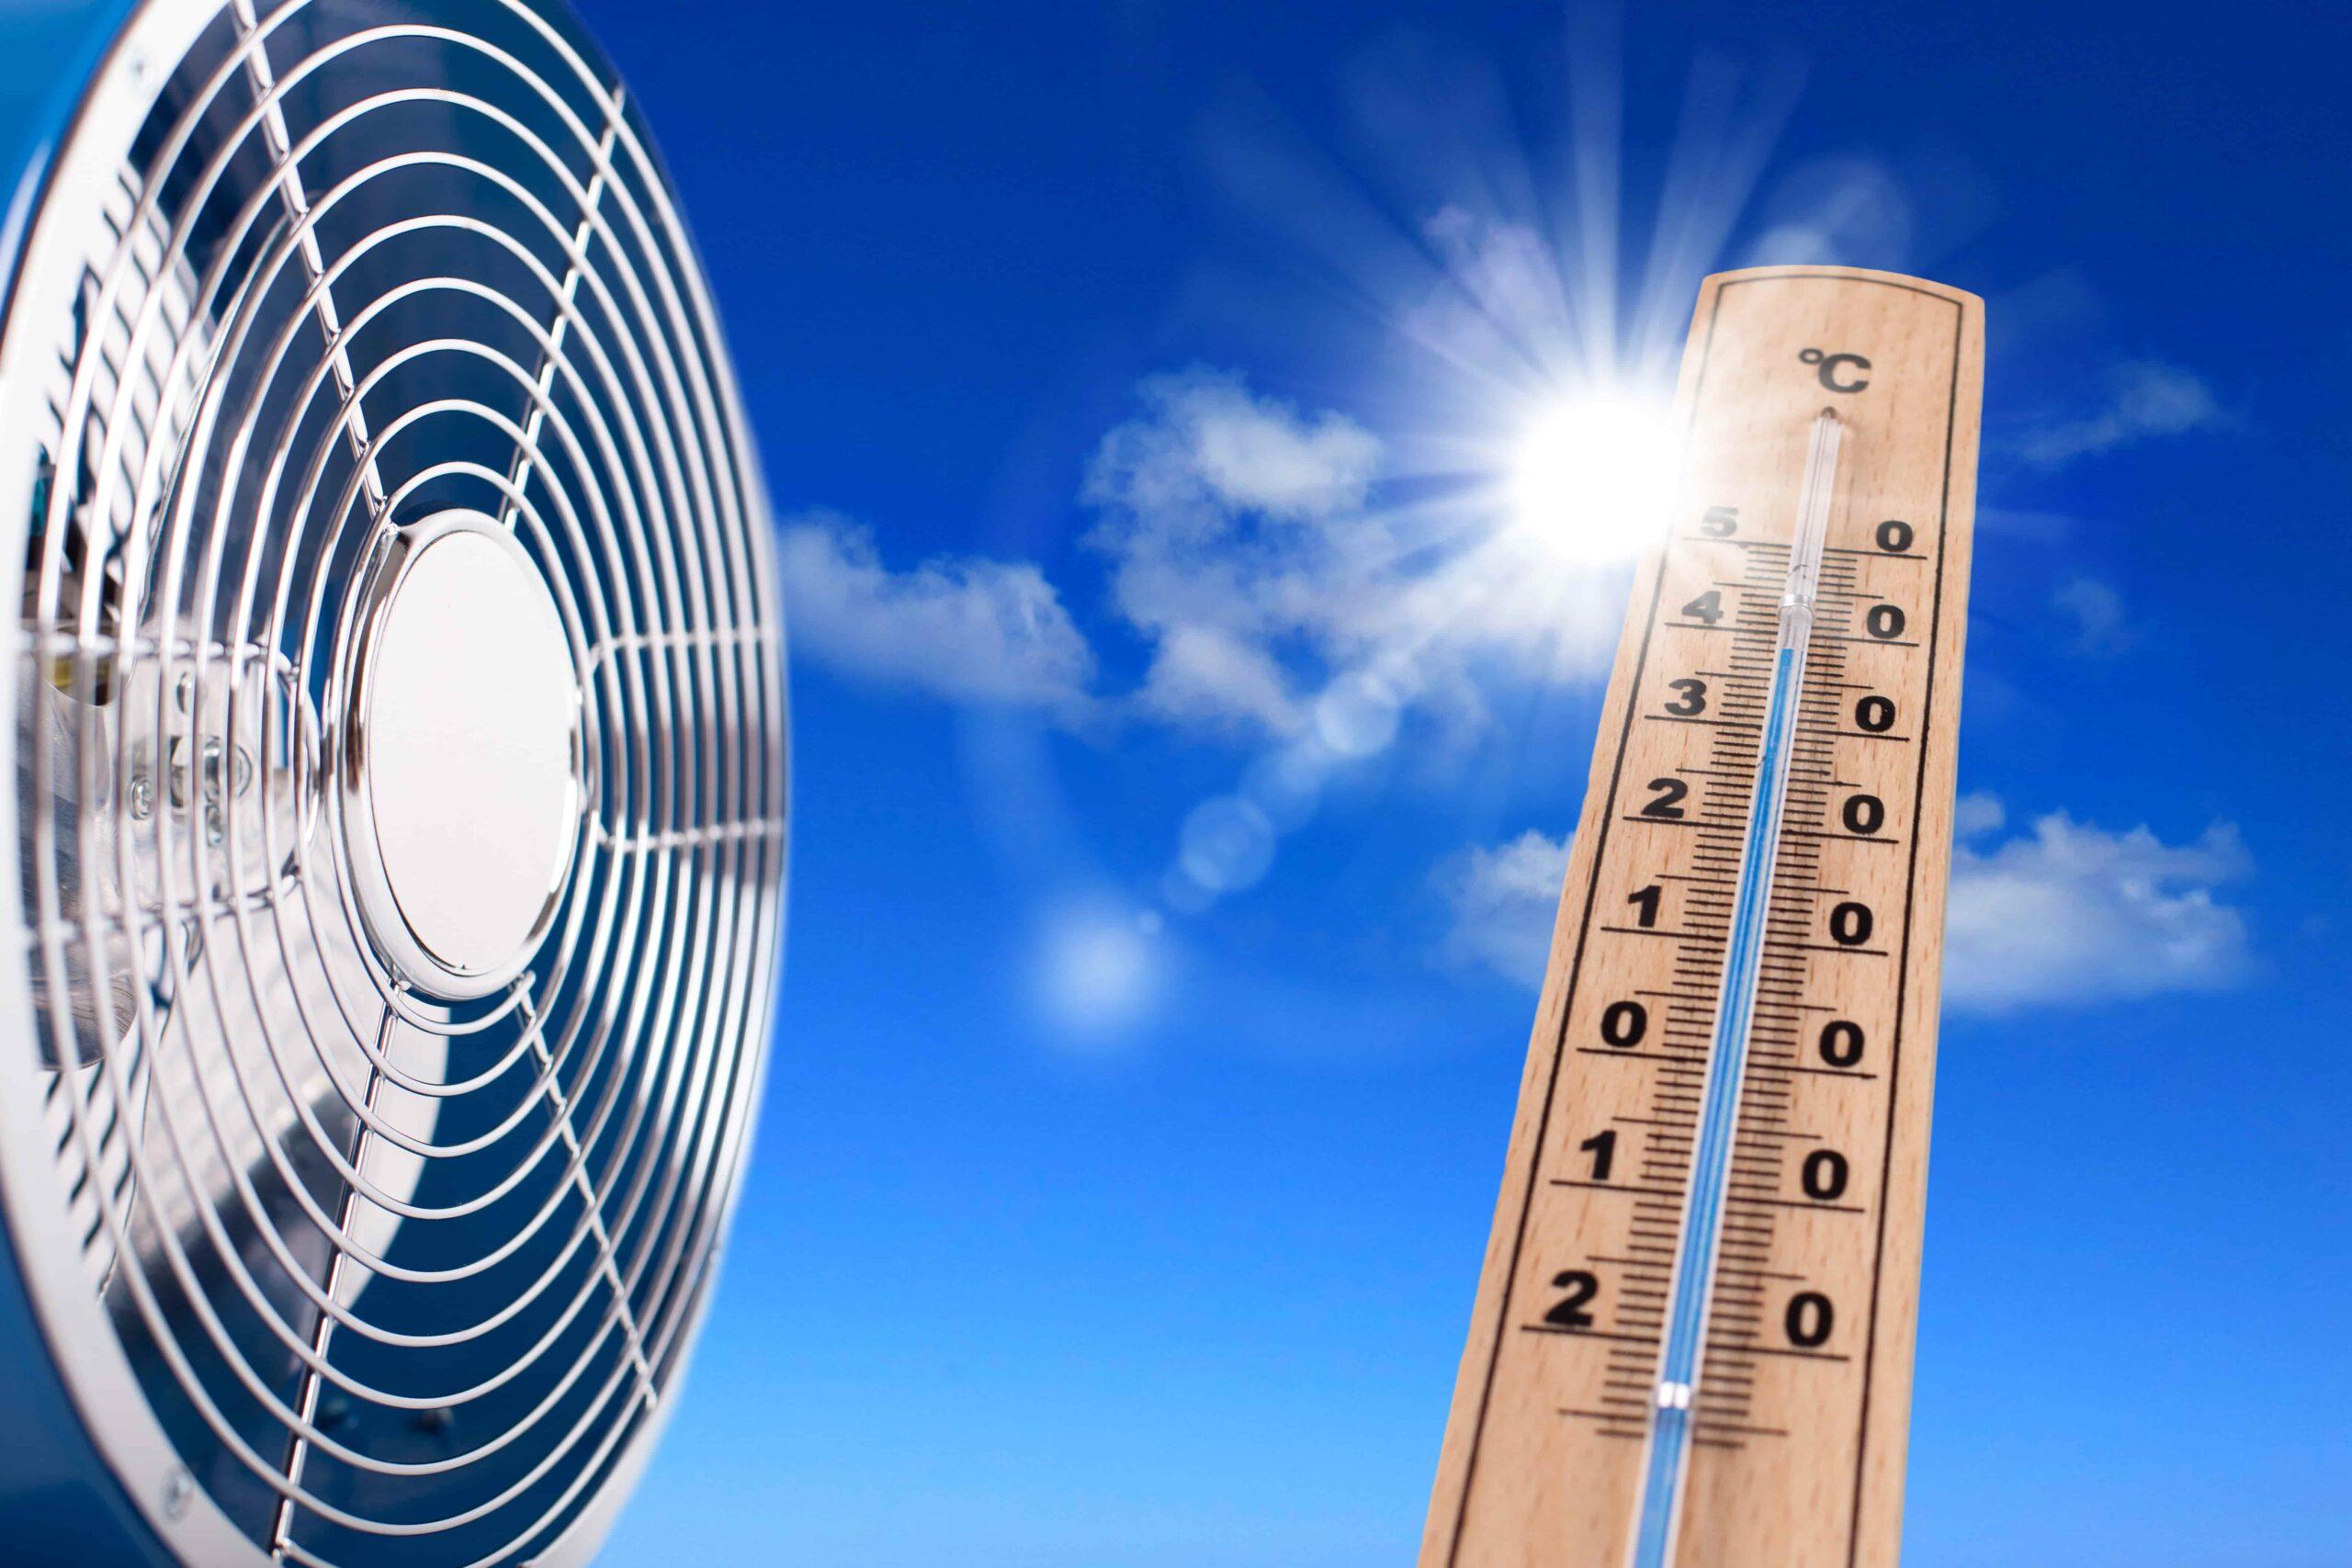 風量、温度をうまくコントロールして業務用エアコンの消費電力を抑える方法